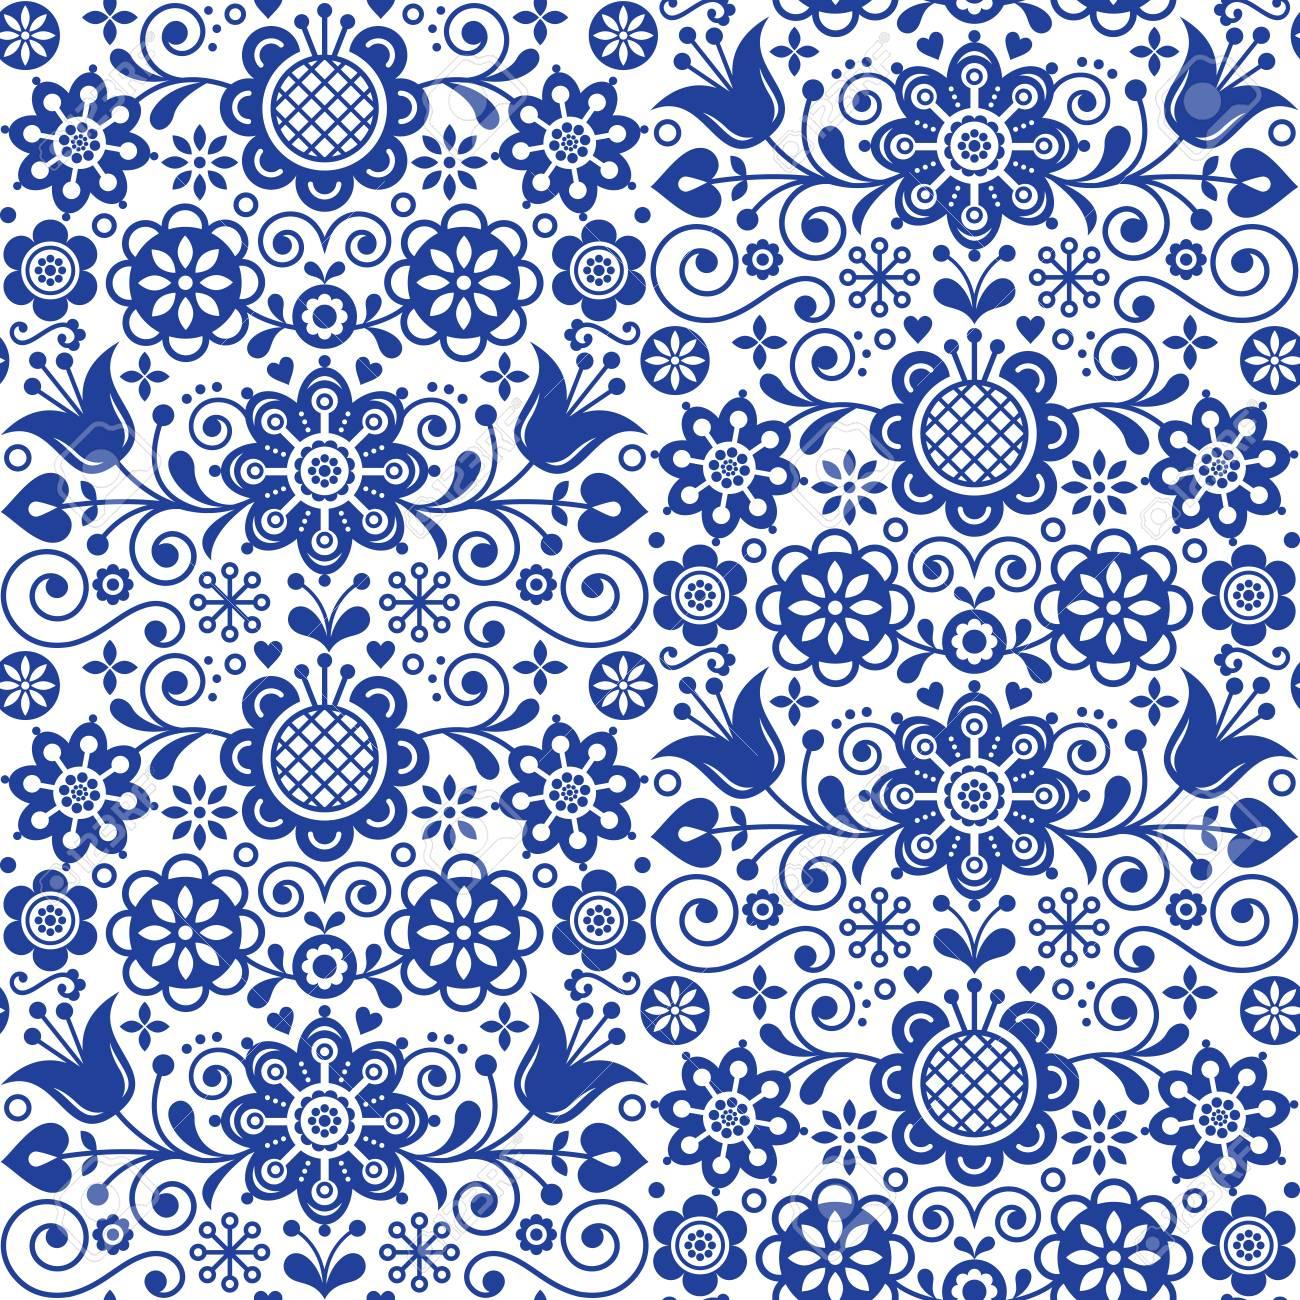 Floral Seamless Folk Art Pattern Scandinavian Navy Blue Repetitive